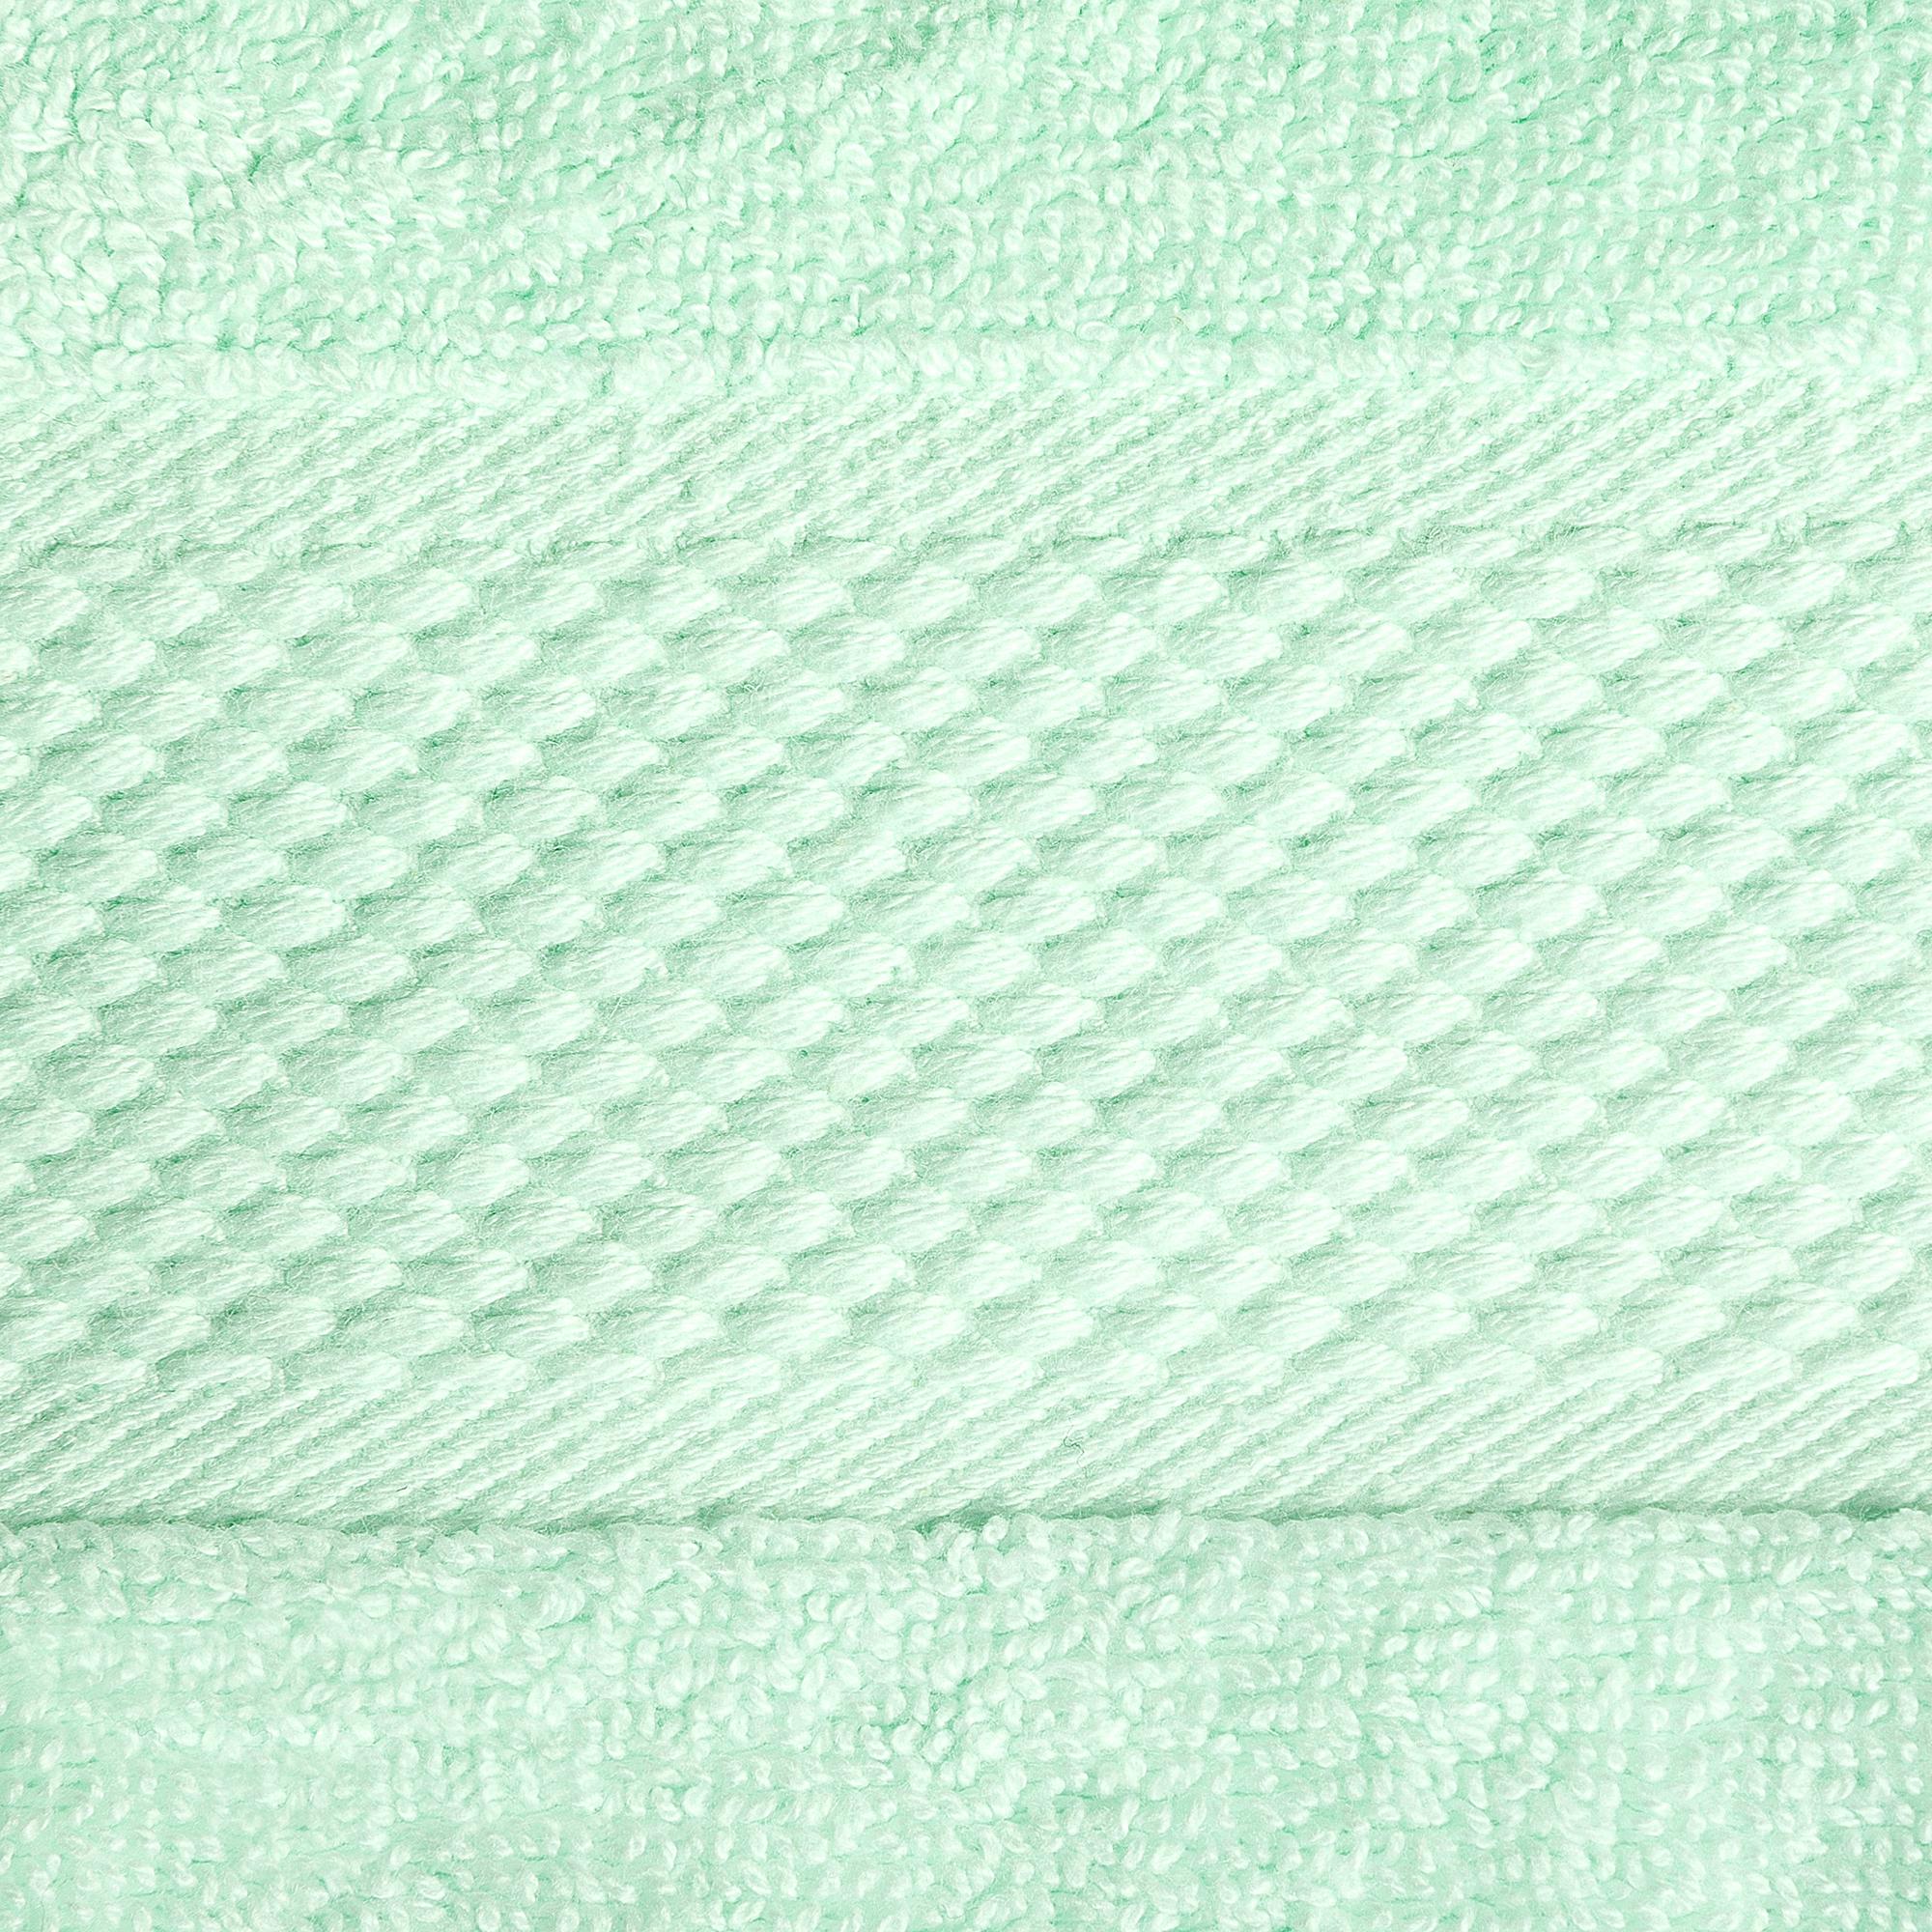 8pcs 700gsm Signature Range Mint Plain 8 Pieces Bale Set Towel